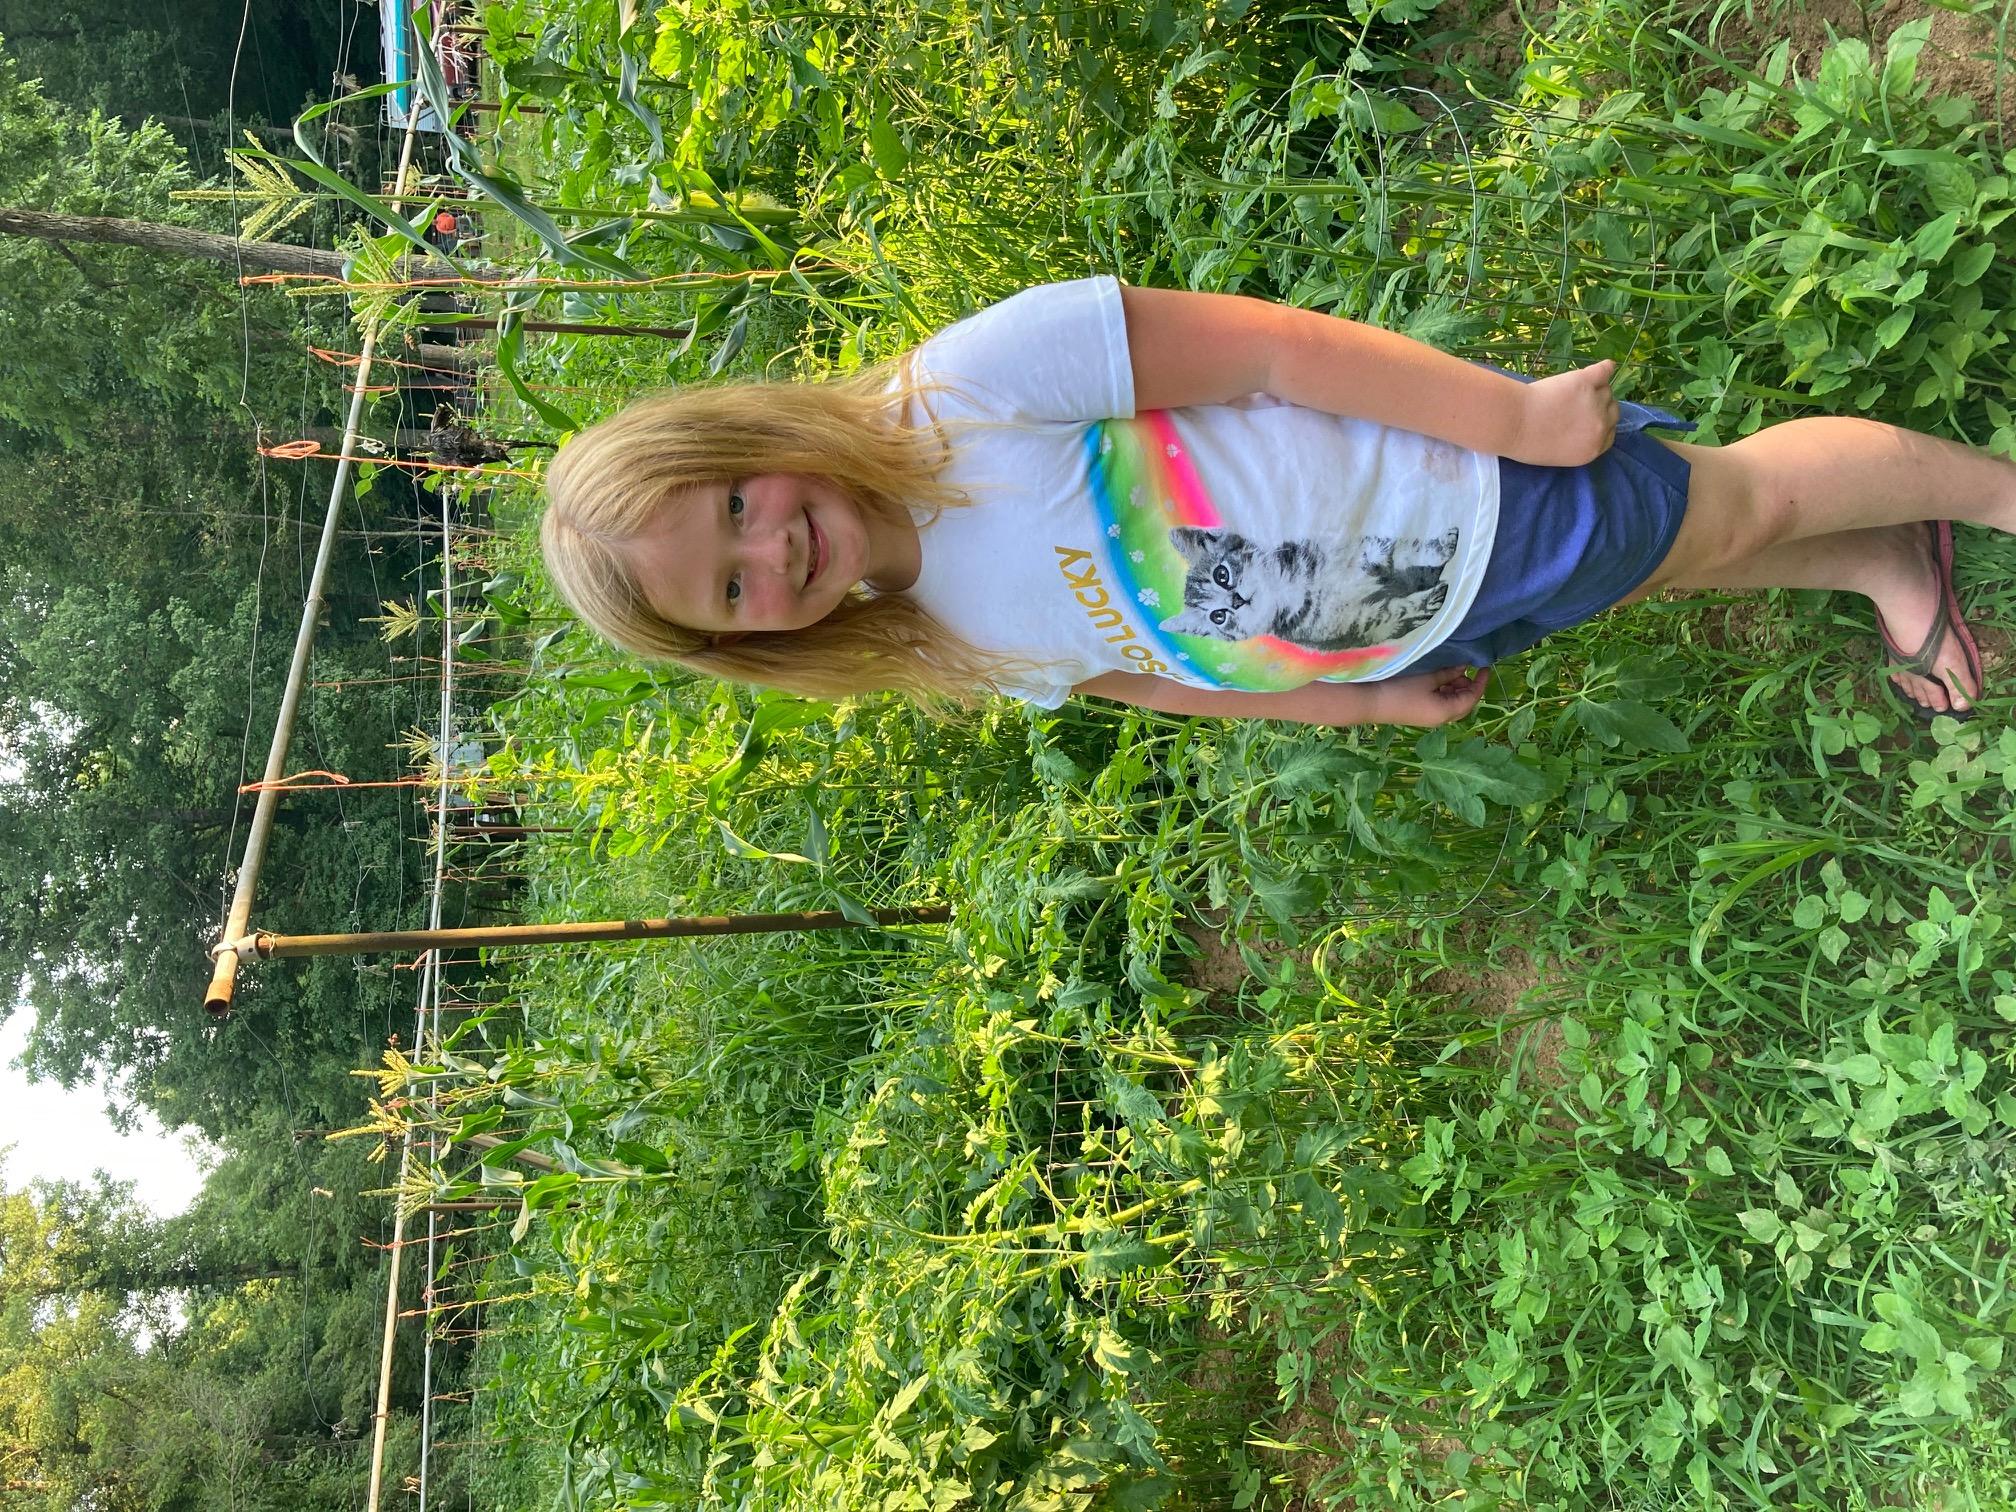 4-Her in her garden